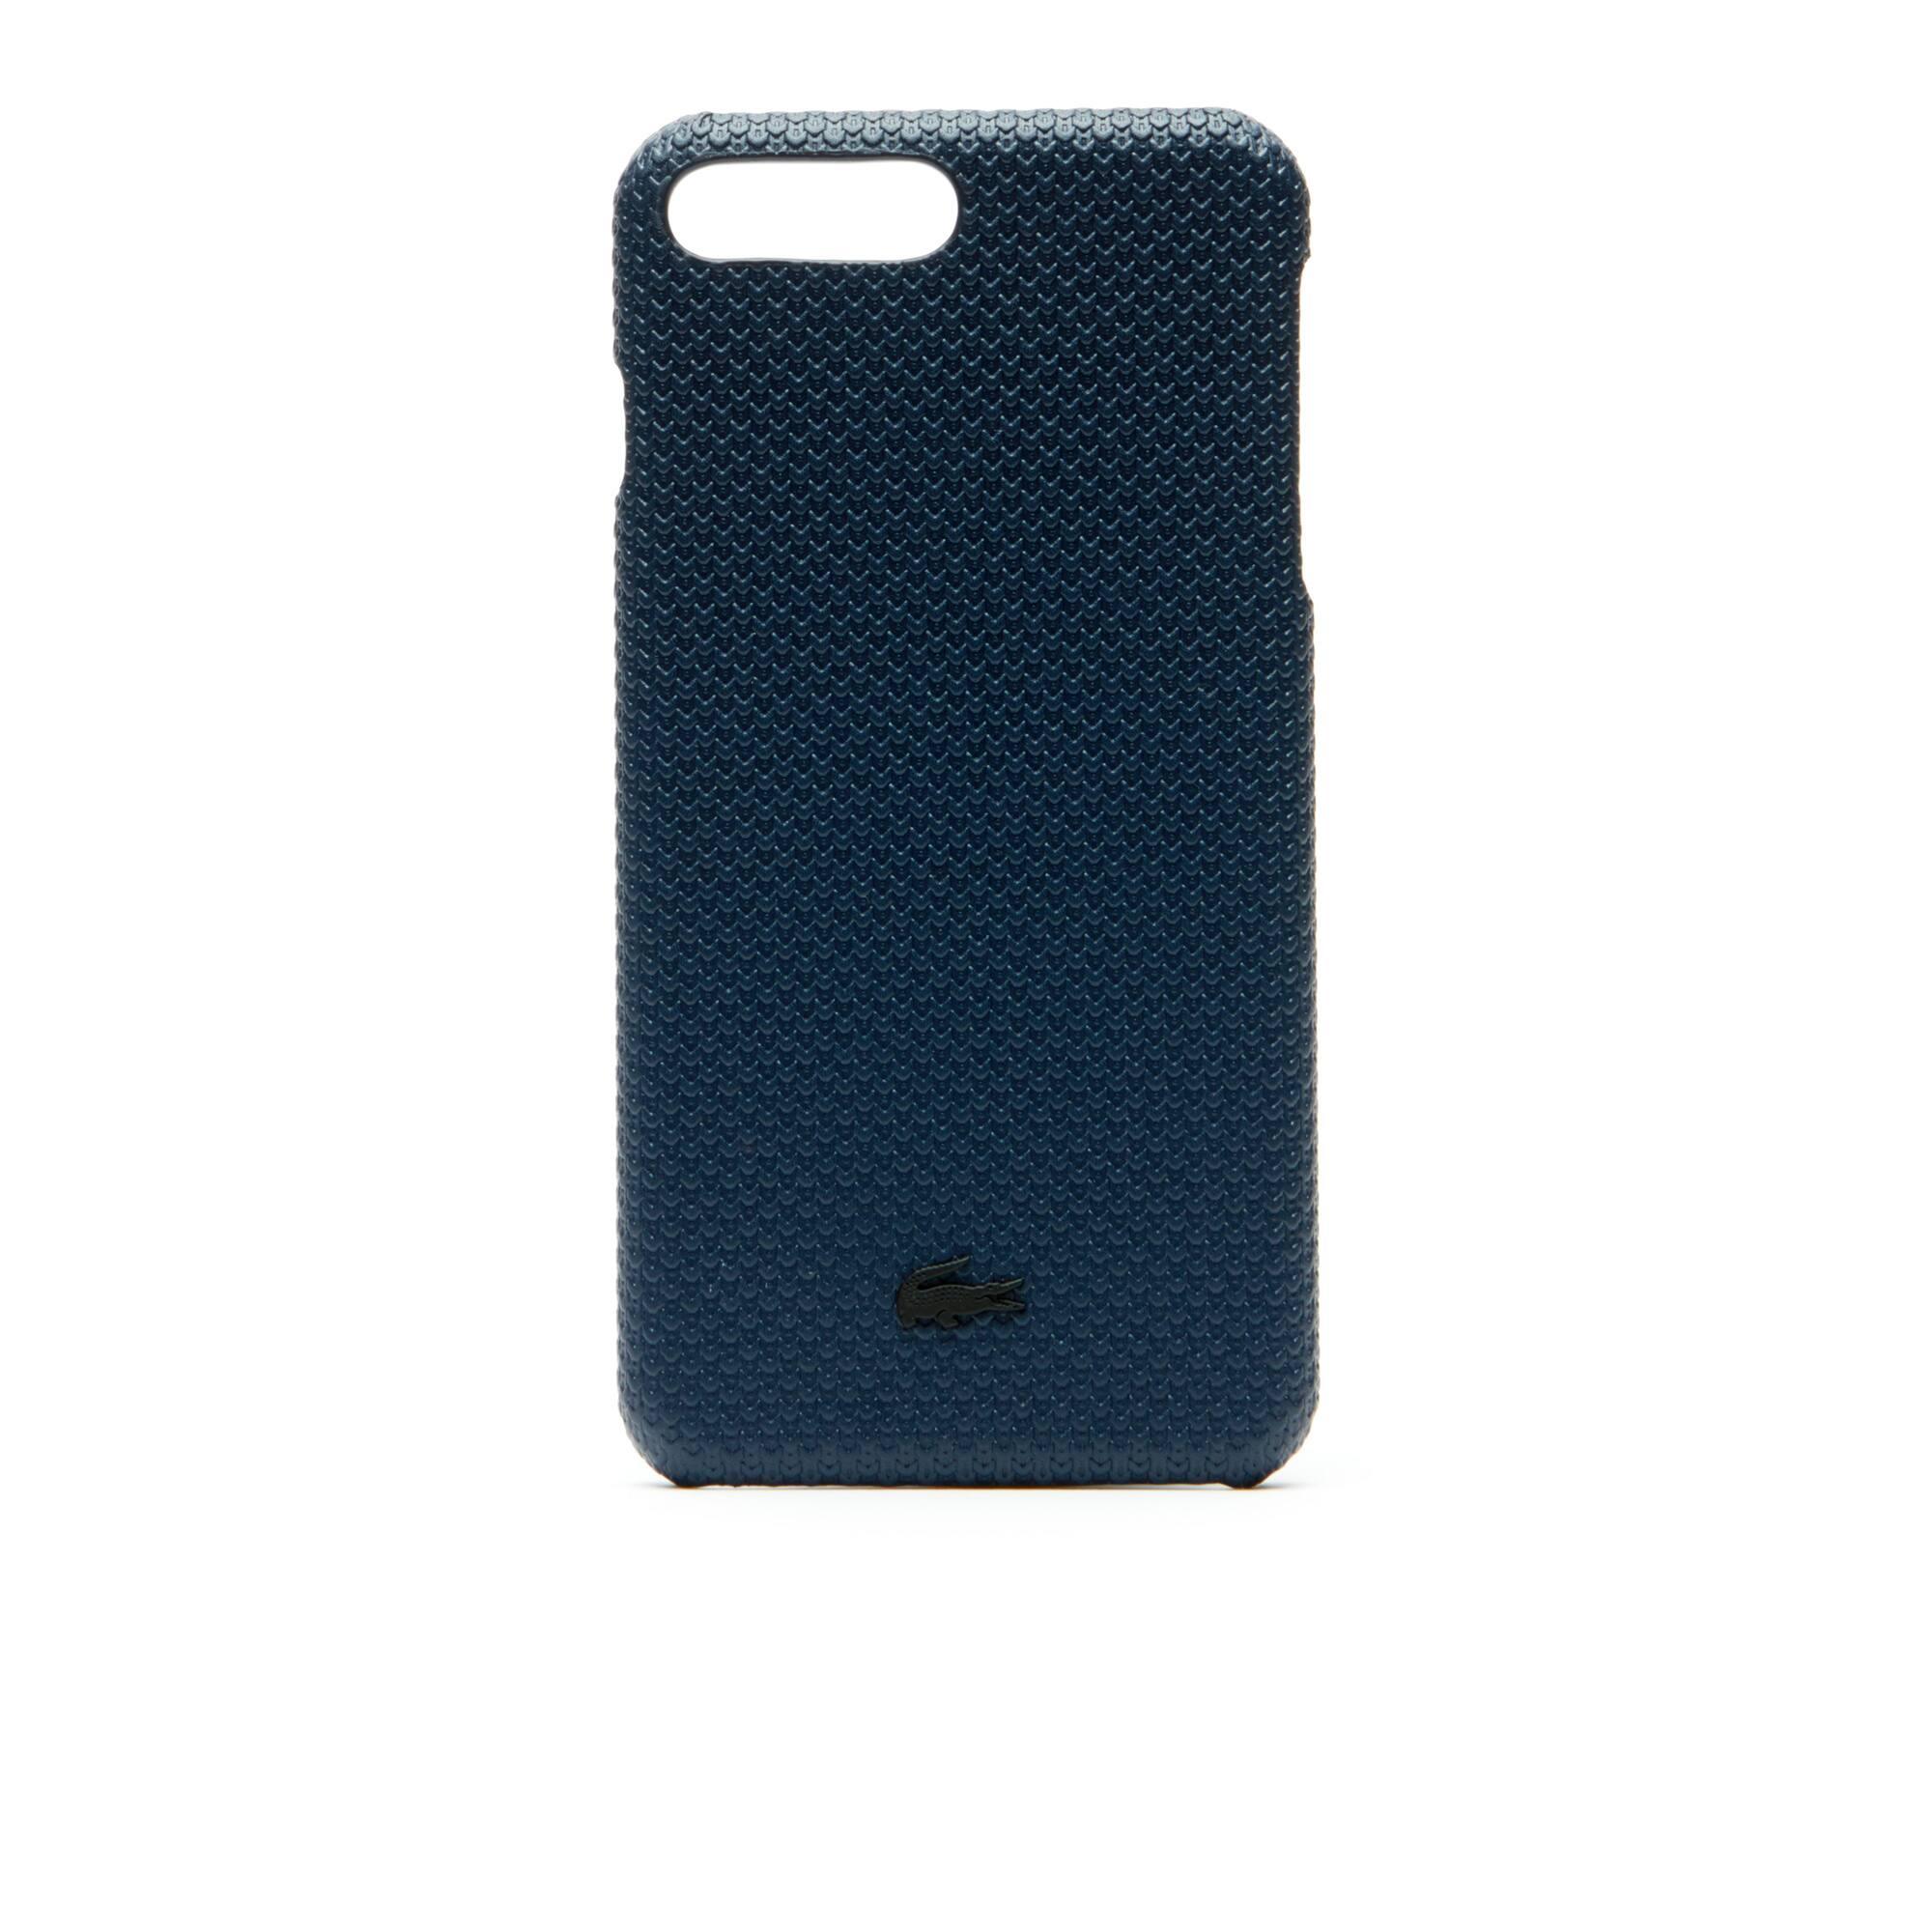 Men's Chantaco Matte Piqué Leather iPhone 8+ Shell